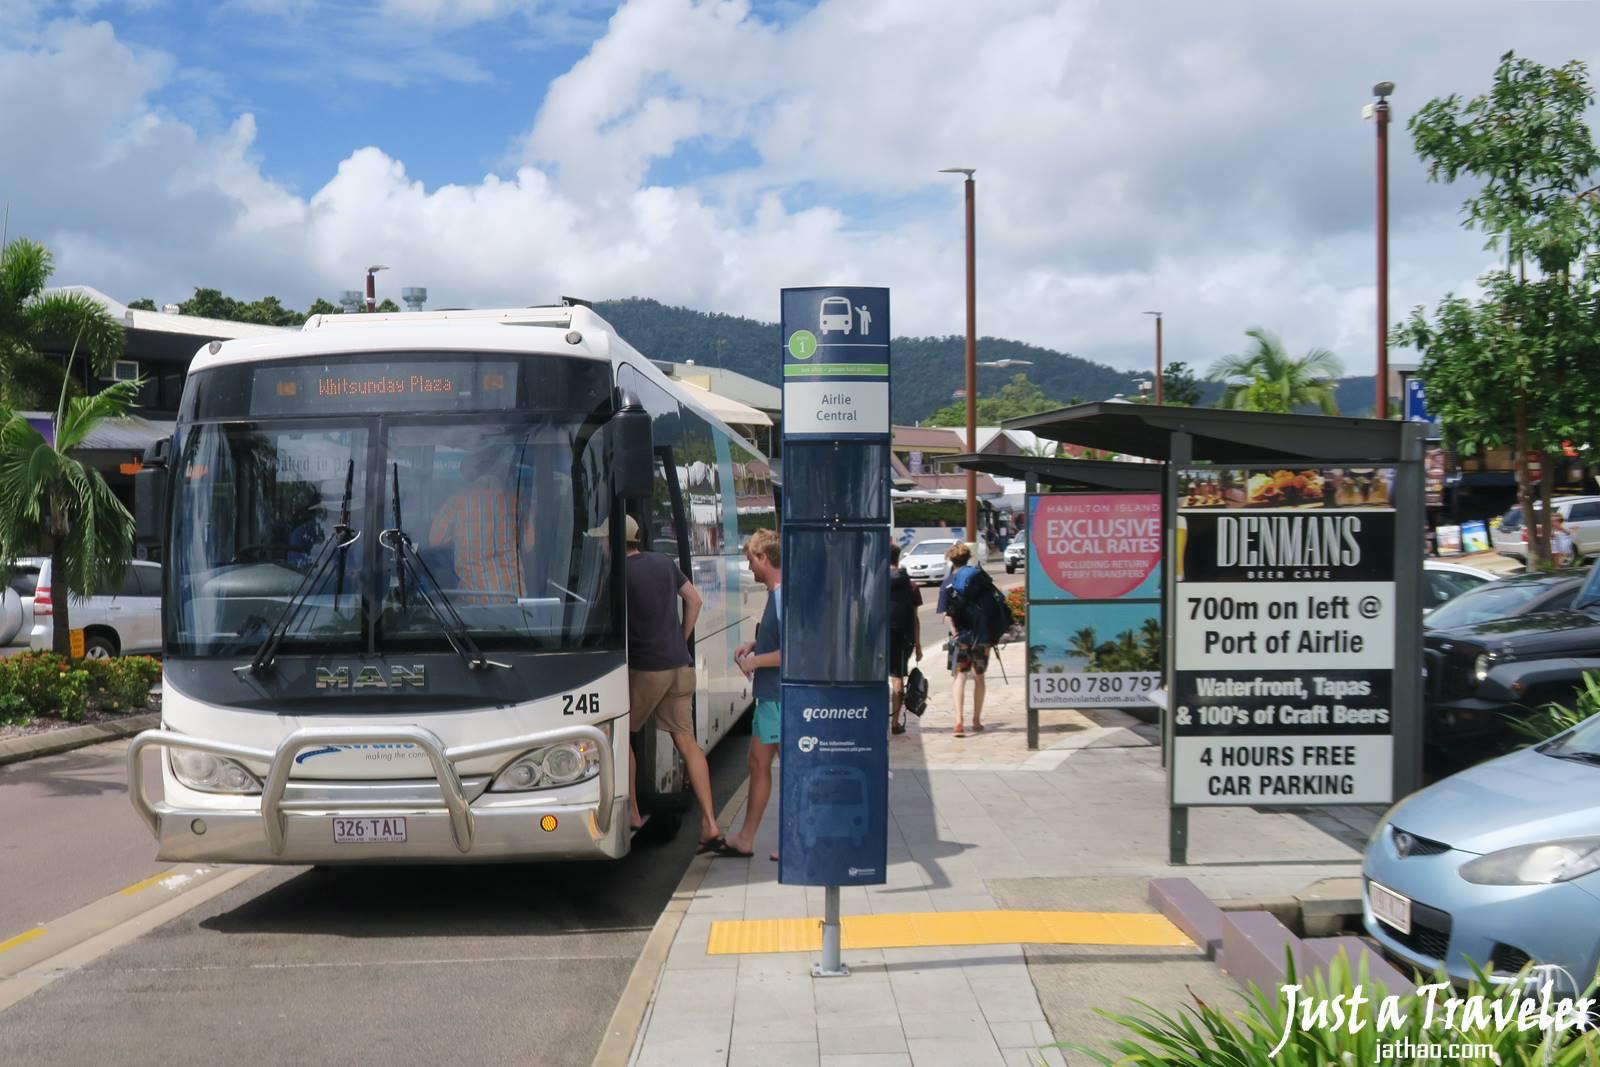 聖靈群島-艾爾利海灘-交通-巴士-公車-介紹-攻略-費用-時刻-路線-教學-接駁-機場-搭乘-Whitsundays-Airlie-Beach-Bus-Transport